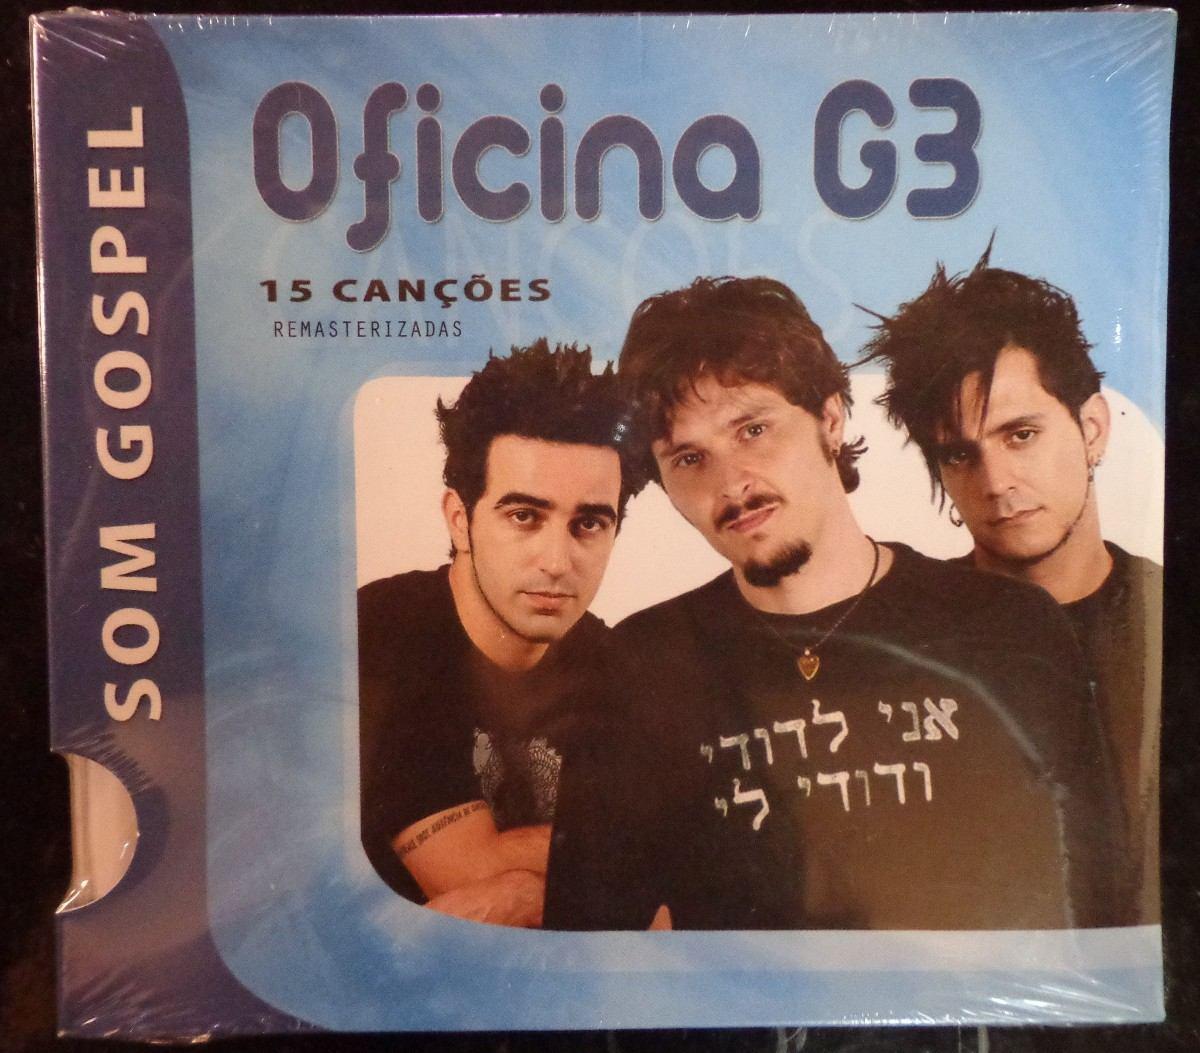 cd gospel gratis oficina g3